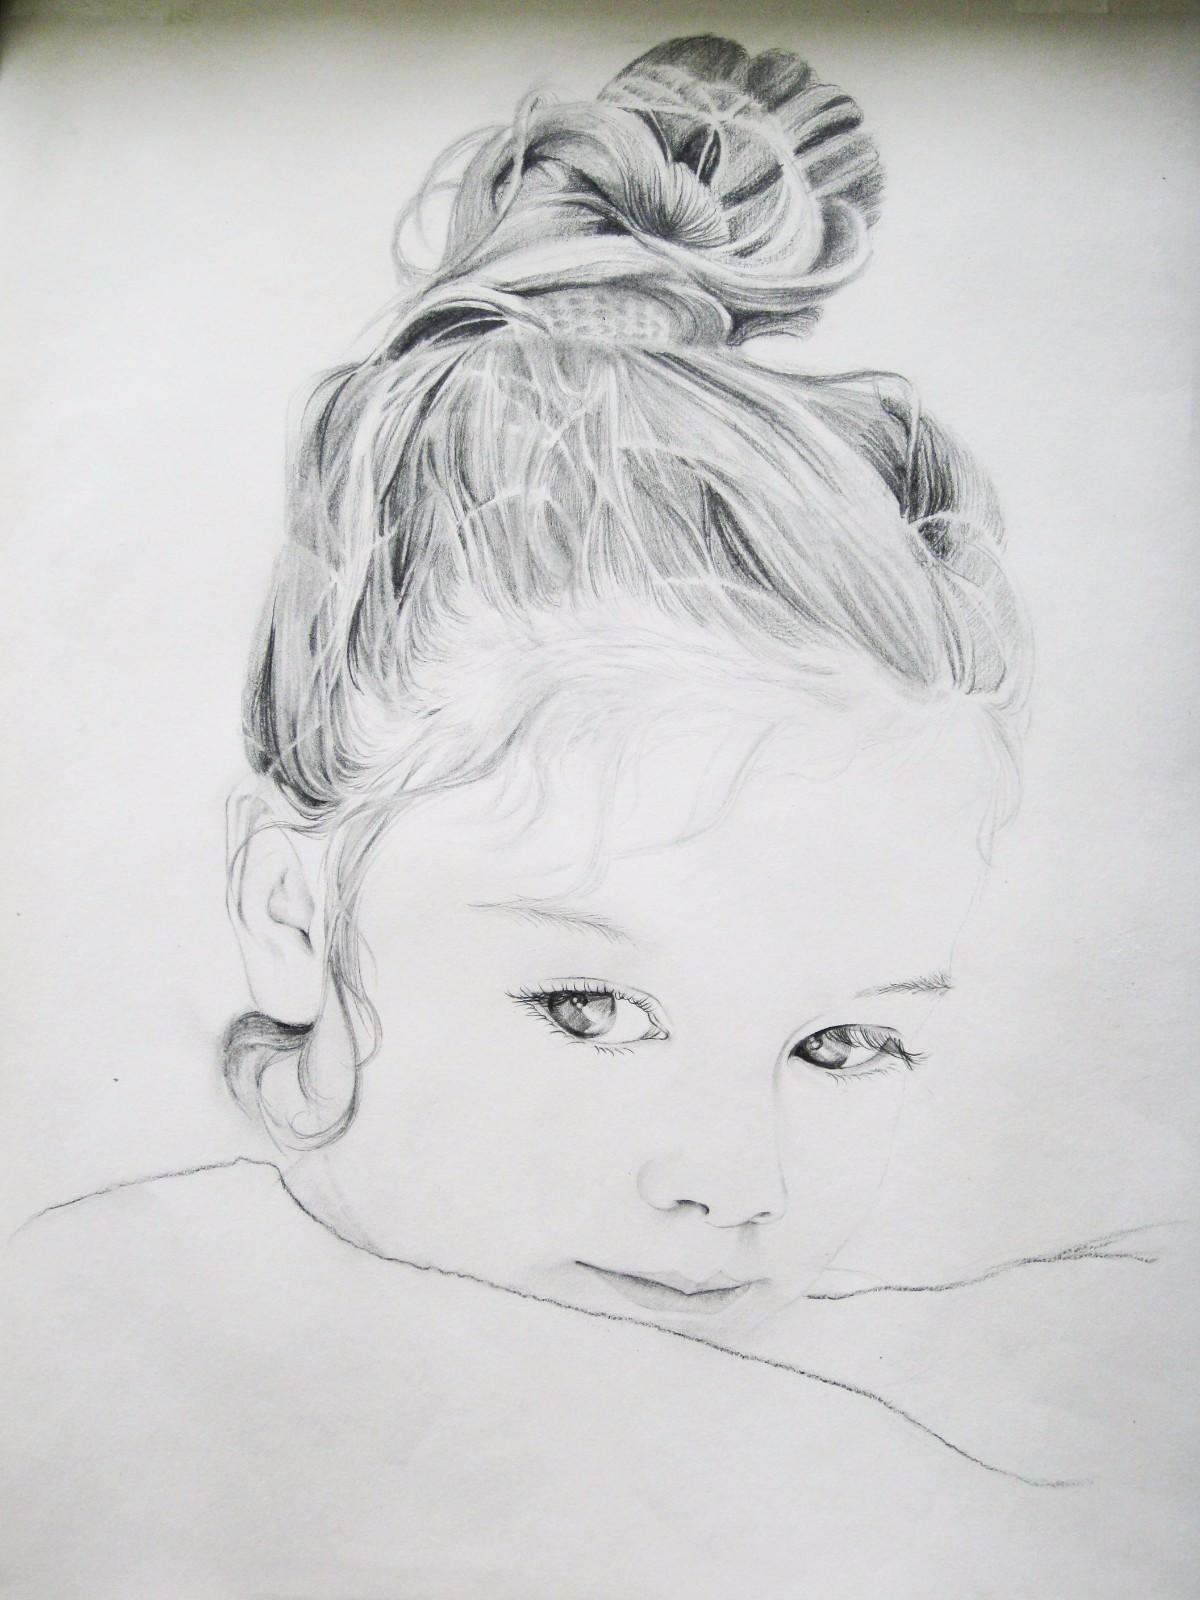 美术生学画画必须会学习的一部分就是素描,想要画好素描就要多练习,下面有途网小编为大家收集整理了简单漂亮的素描图片大全,供大家观赏学习。